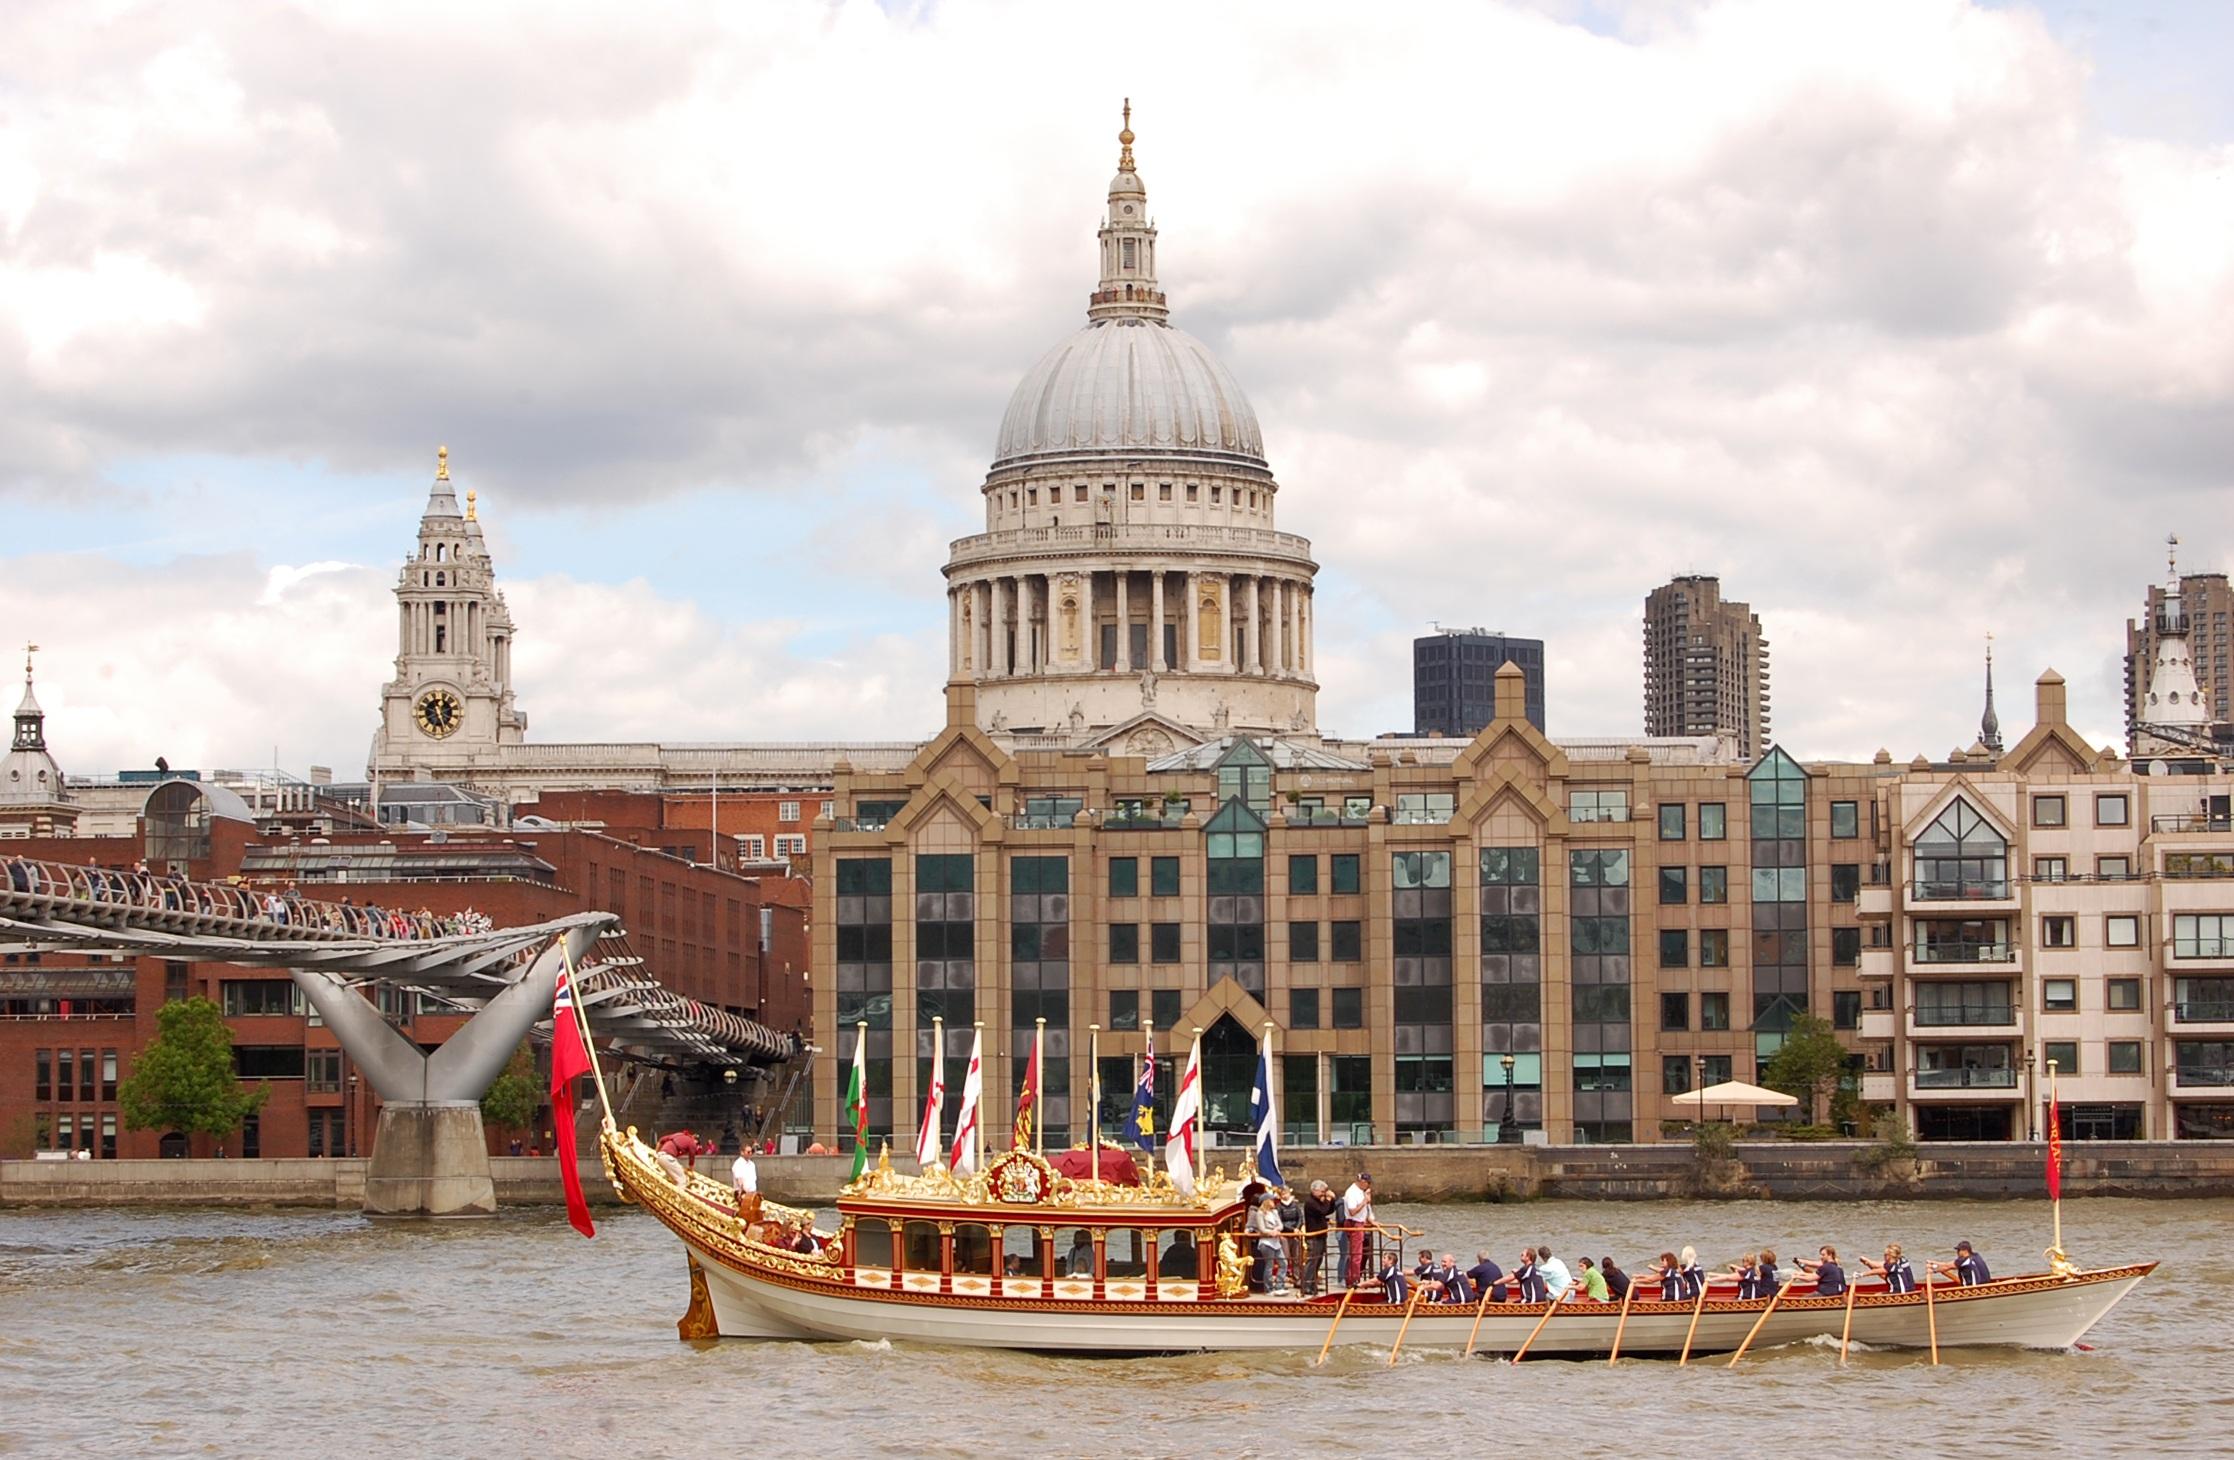 ლონდონის სასტუმროები Hostels Accommodations England ლონდონის უღელტეხილის დაჯავშნა მსოფლიოში იაფი დაბალი ფასი